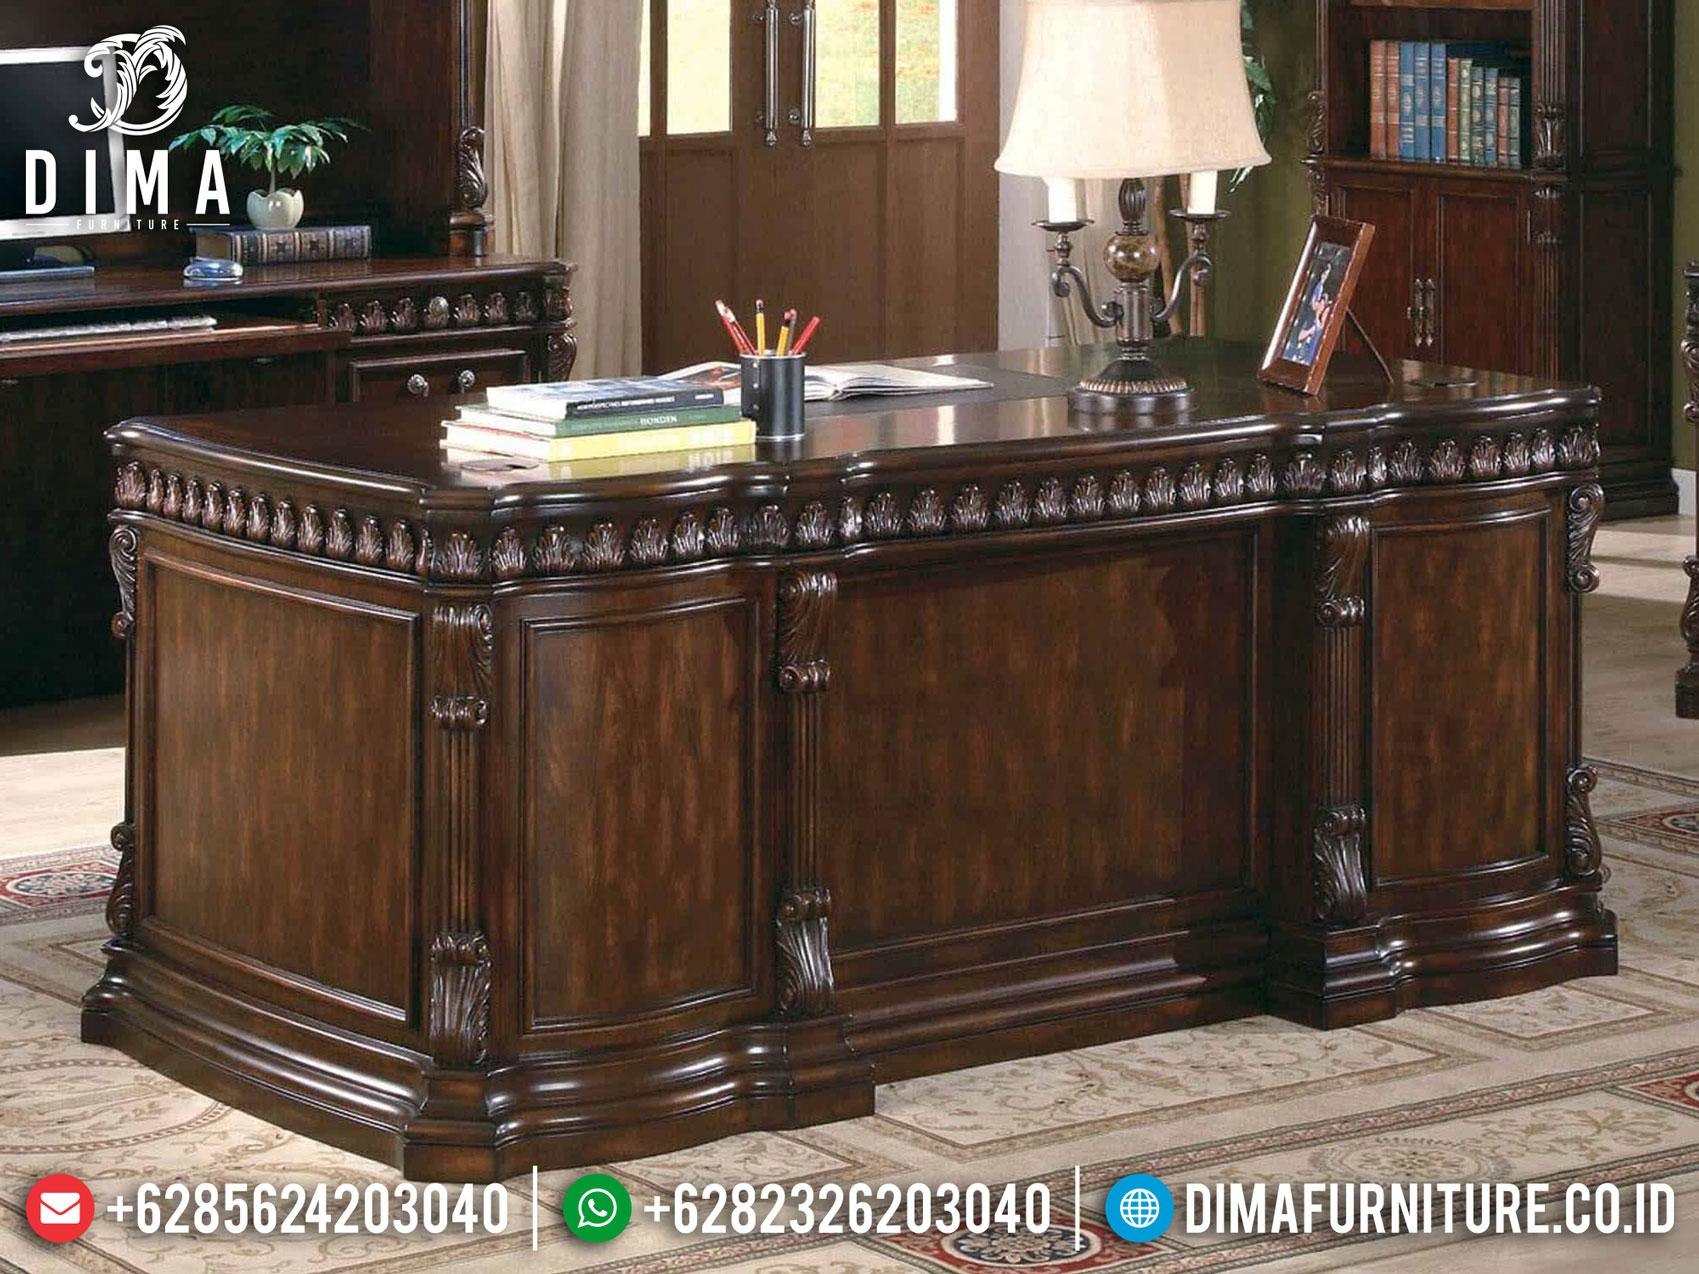 Pre Order Meja Kantor Direktur Mewah Natural Jati Classic Mebel Jepara MM-0816